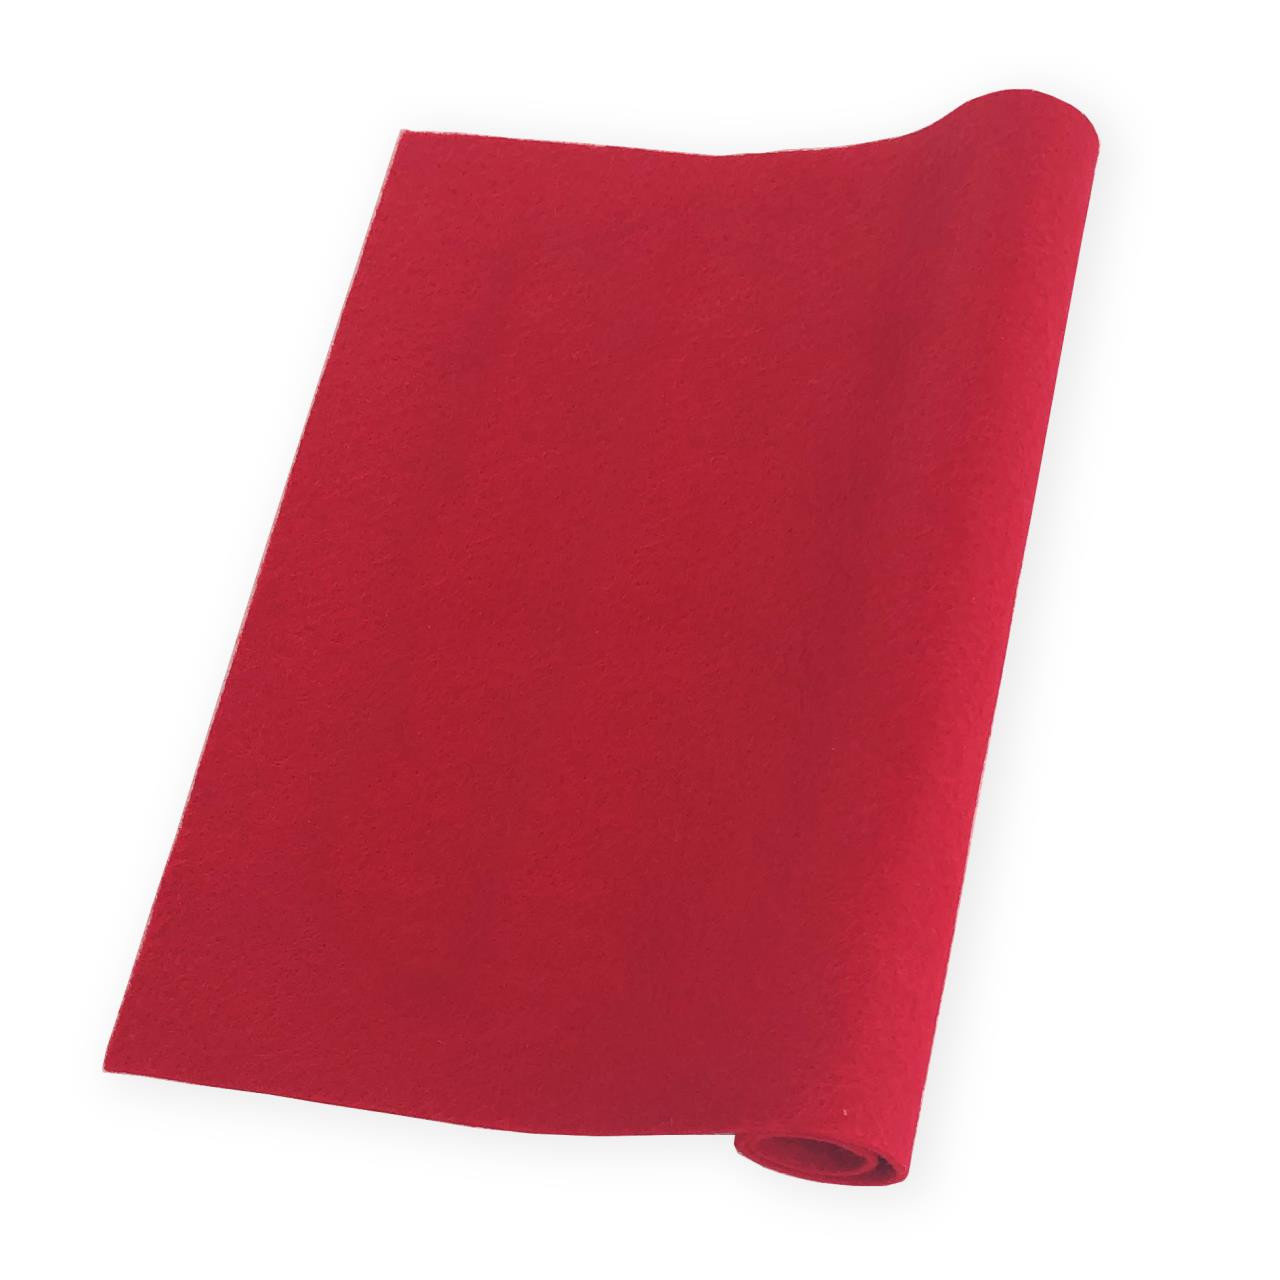 Ruby, Essentials By Ellen Wool Felt 9 X 12 - 5 Pk -